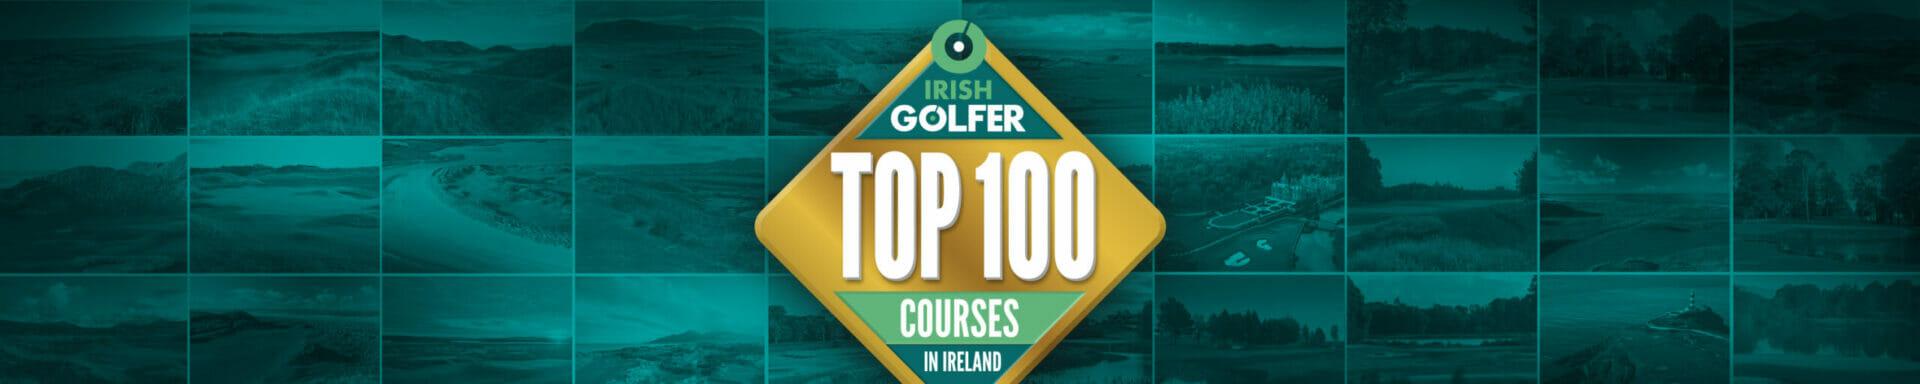 Irish Golfer Magazine Top 100